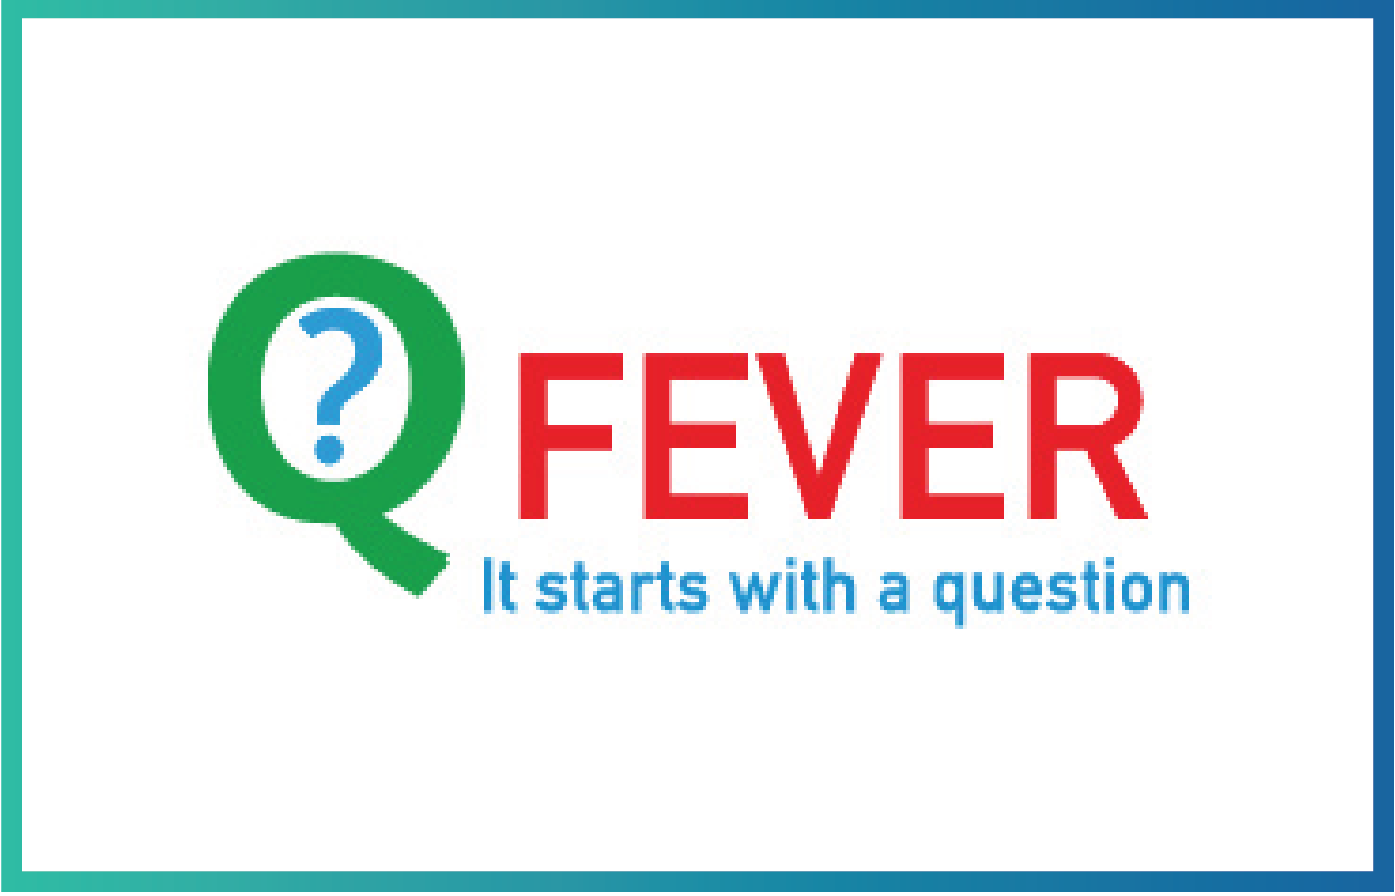 Q Fever Logo